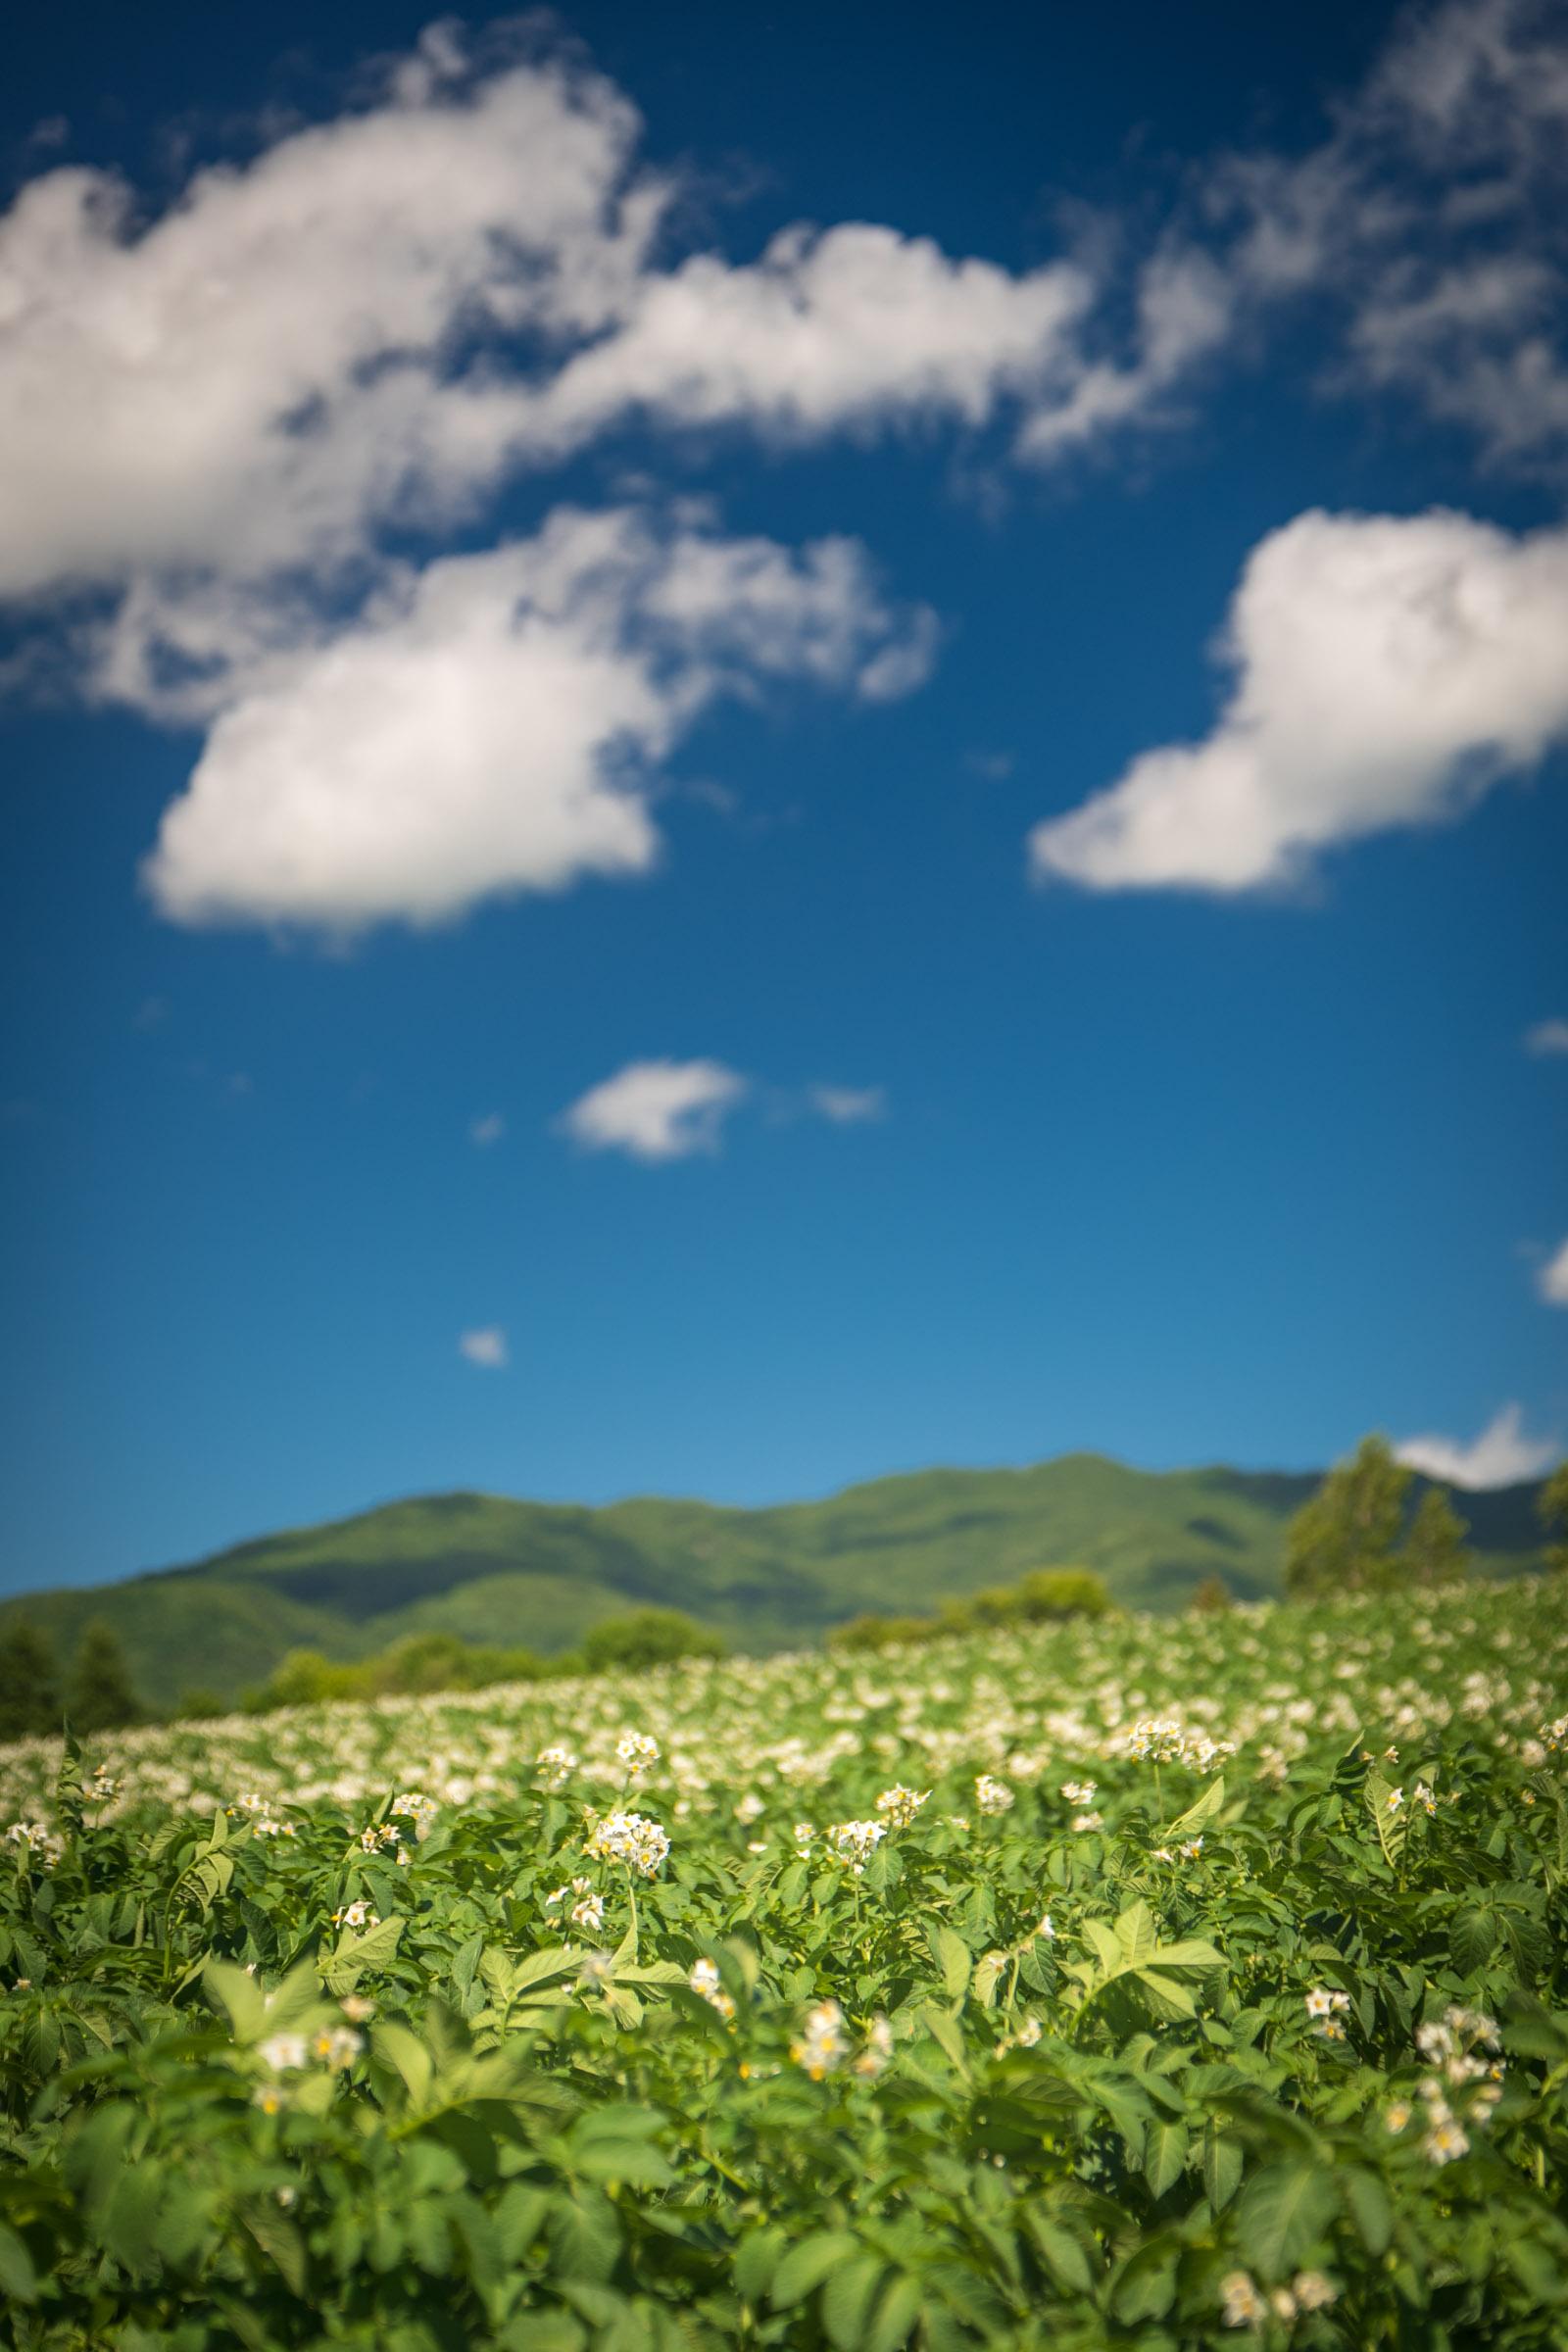 函館市亀田中野町 咲き誇るジャガイモの花と青空と白い雲 撮影:NIKON D500 + TOKINA 16-50mm